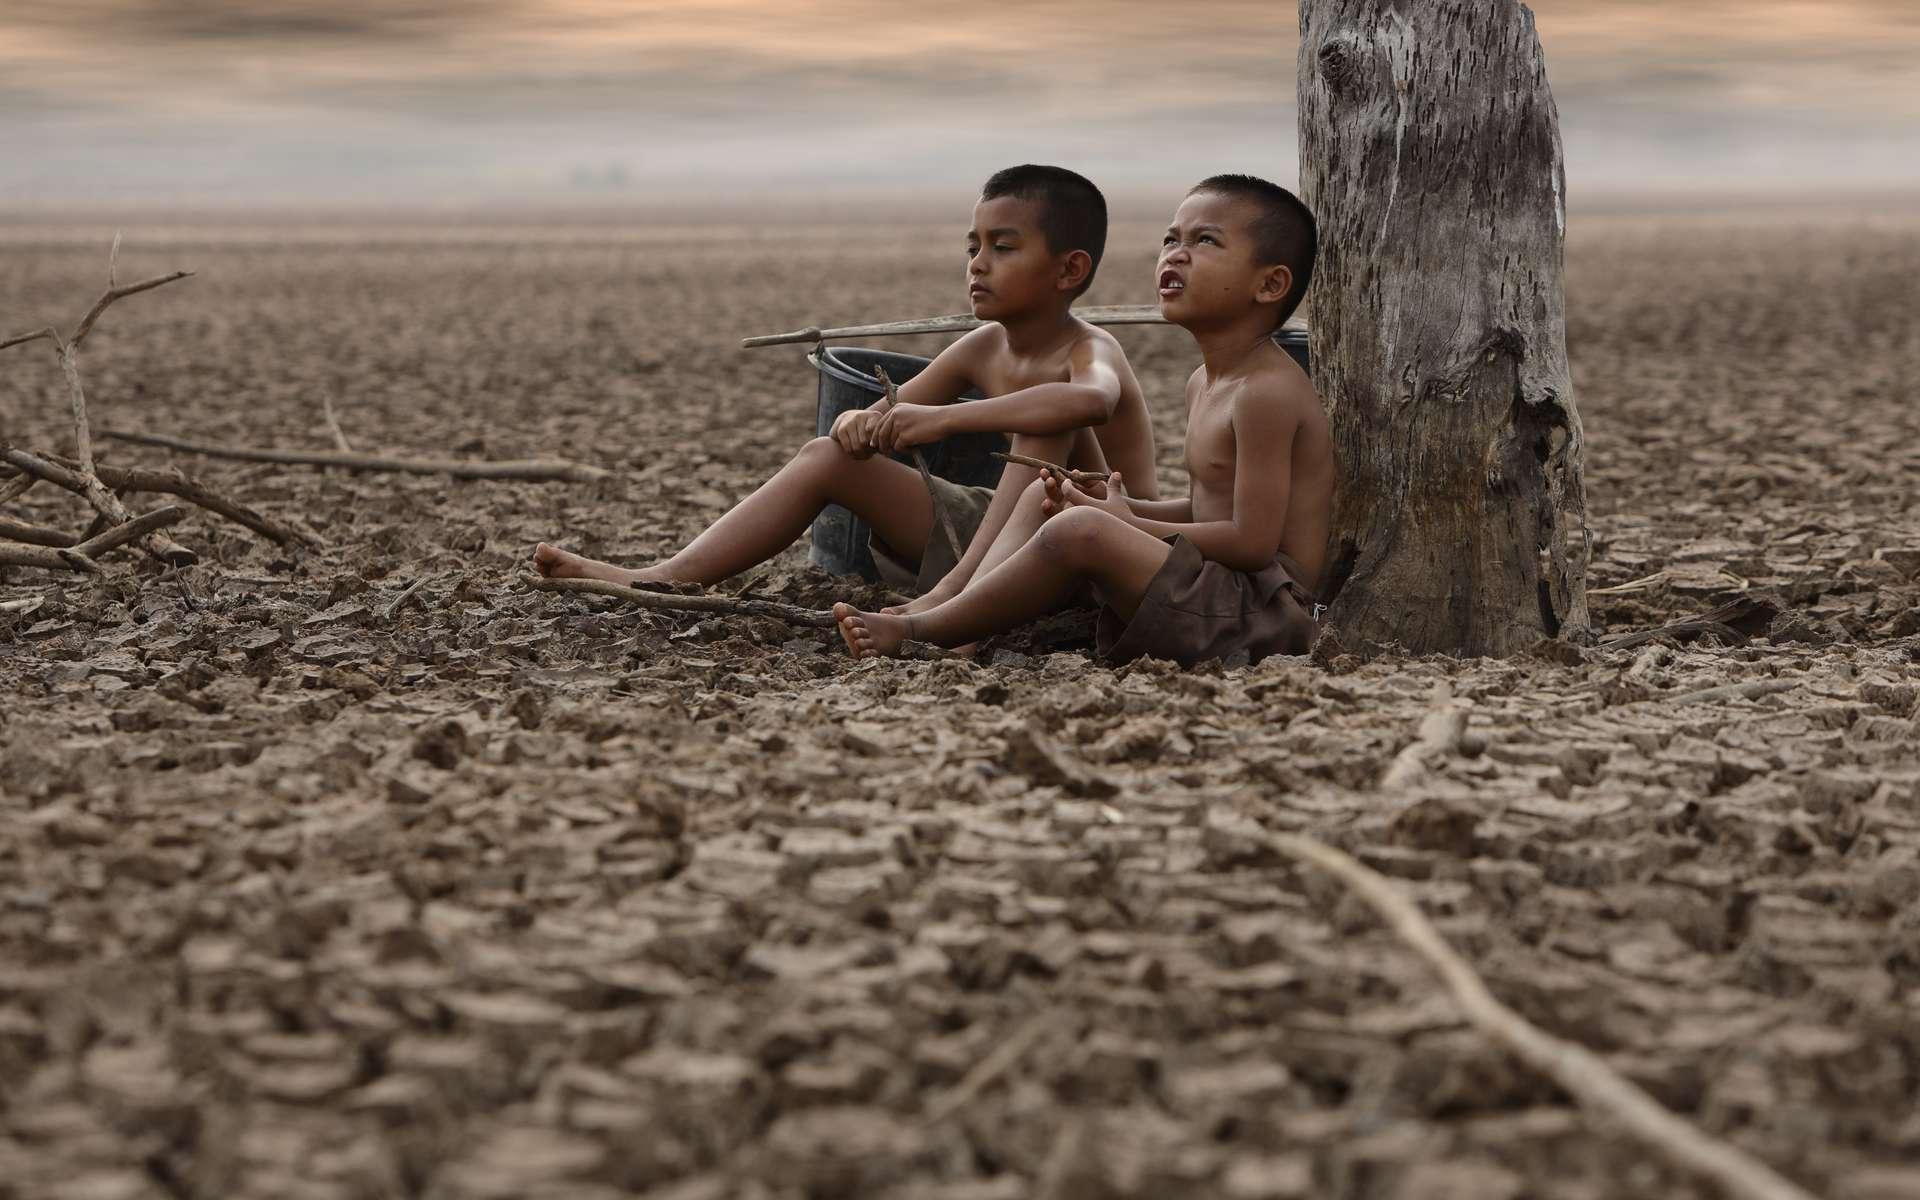 Sécheresse, pénuries d'eau, vagues de chaleur et inondations... un milliard d'enfants à travers le monde sont menacés par les effets du réchauffement climatique. © Boonchok, Adobe Stock